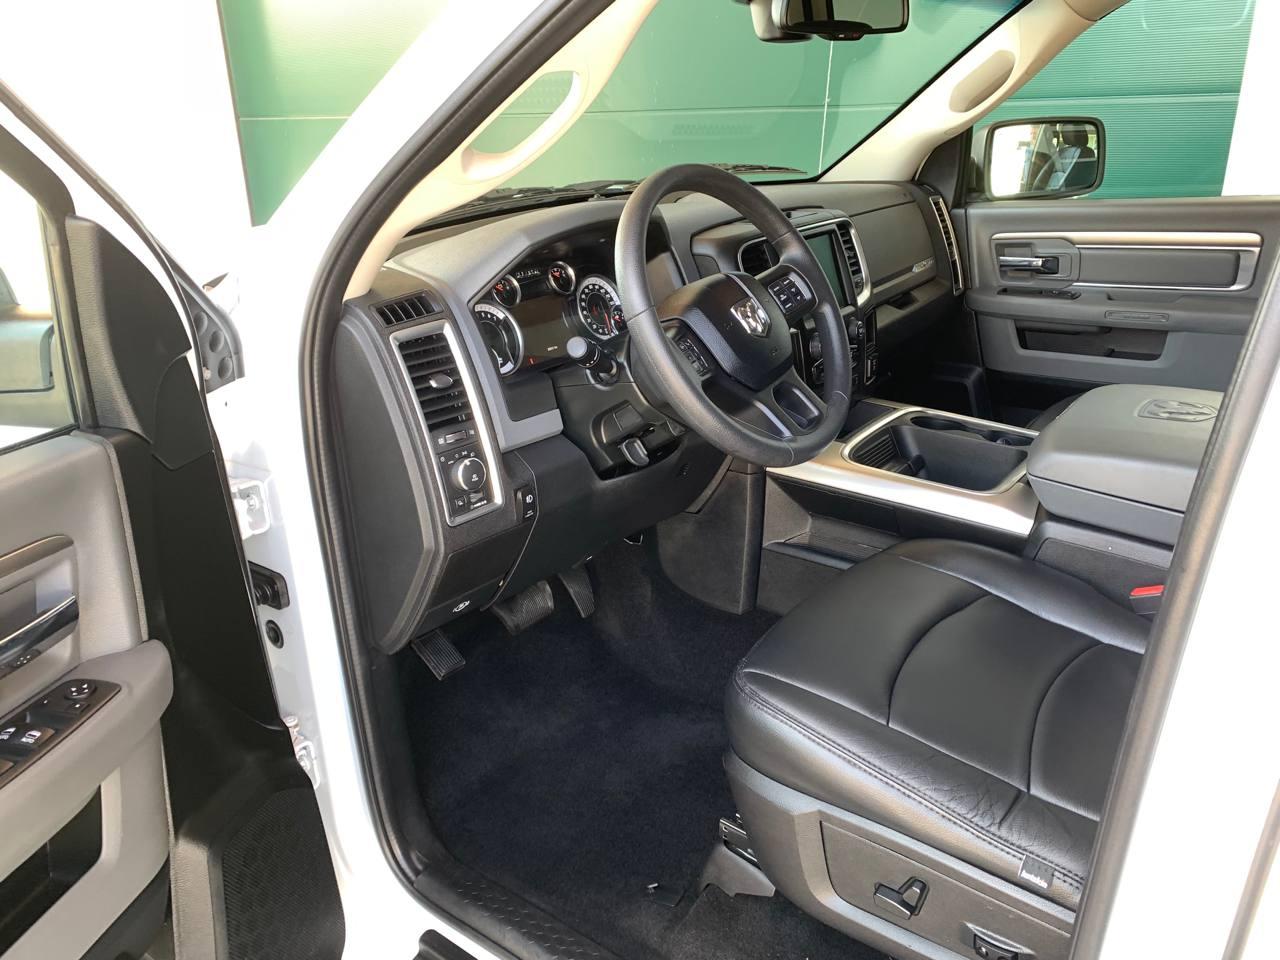 2017 Dodge Ram 1500 gebraucht kaufen